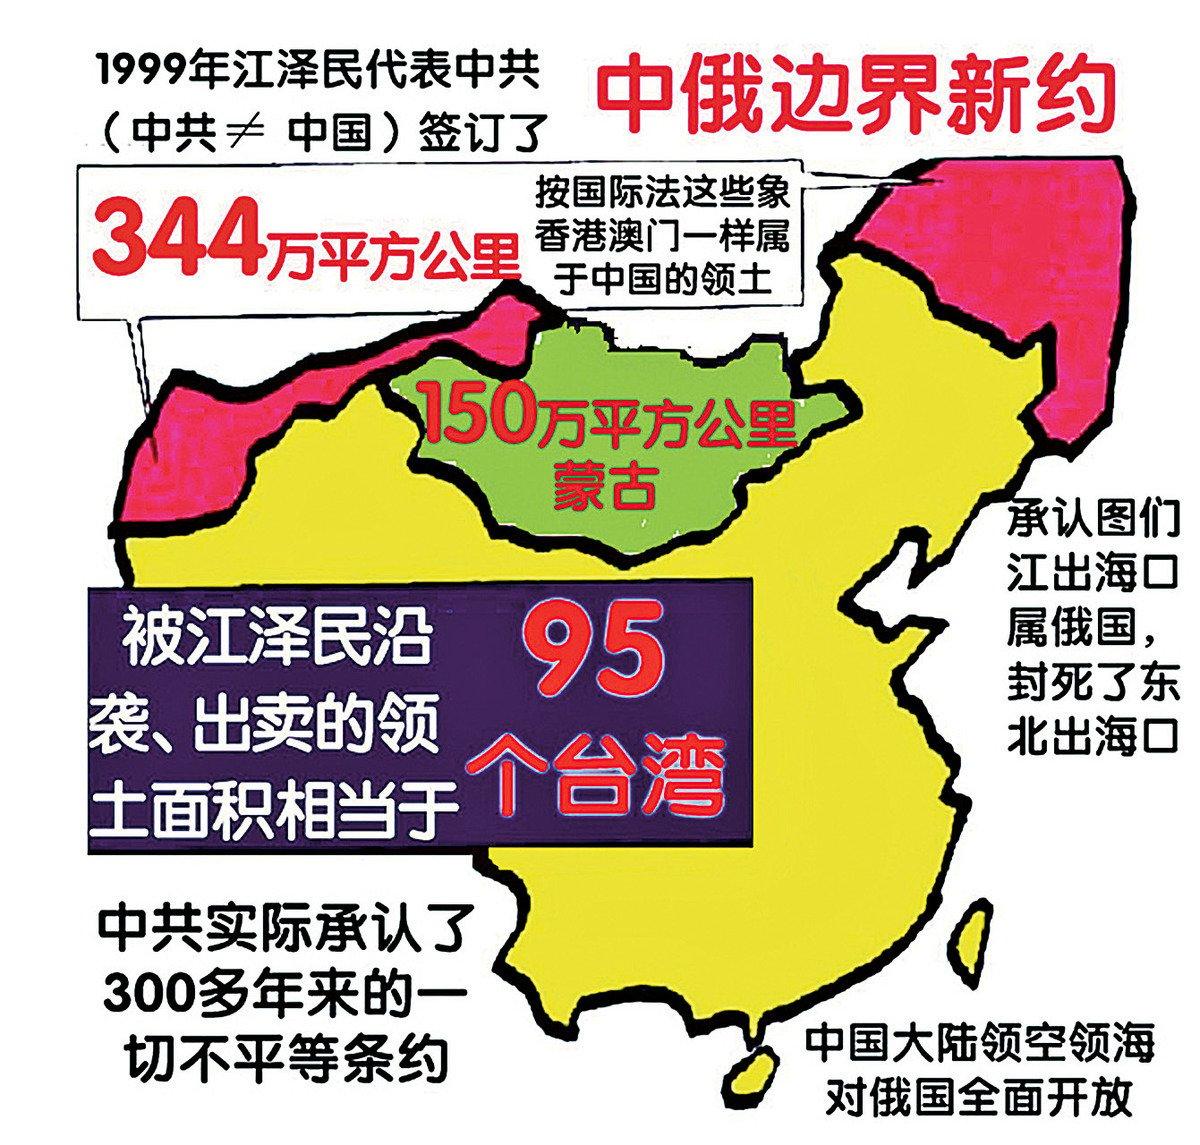 江澤民與俄國簽訂議定書、條約,被江澤民沿襲出賣的領土面積相當於95個台灣的中國土地拱手給了俄國。(明慧網)